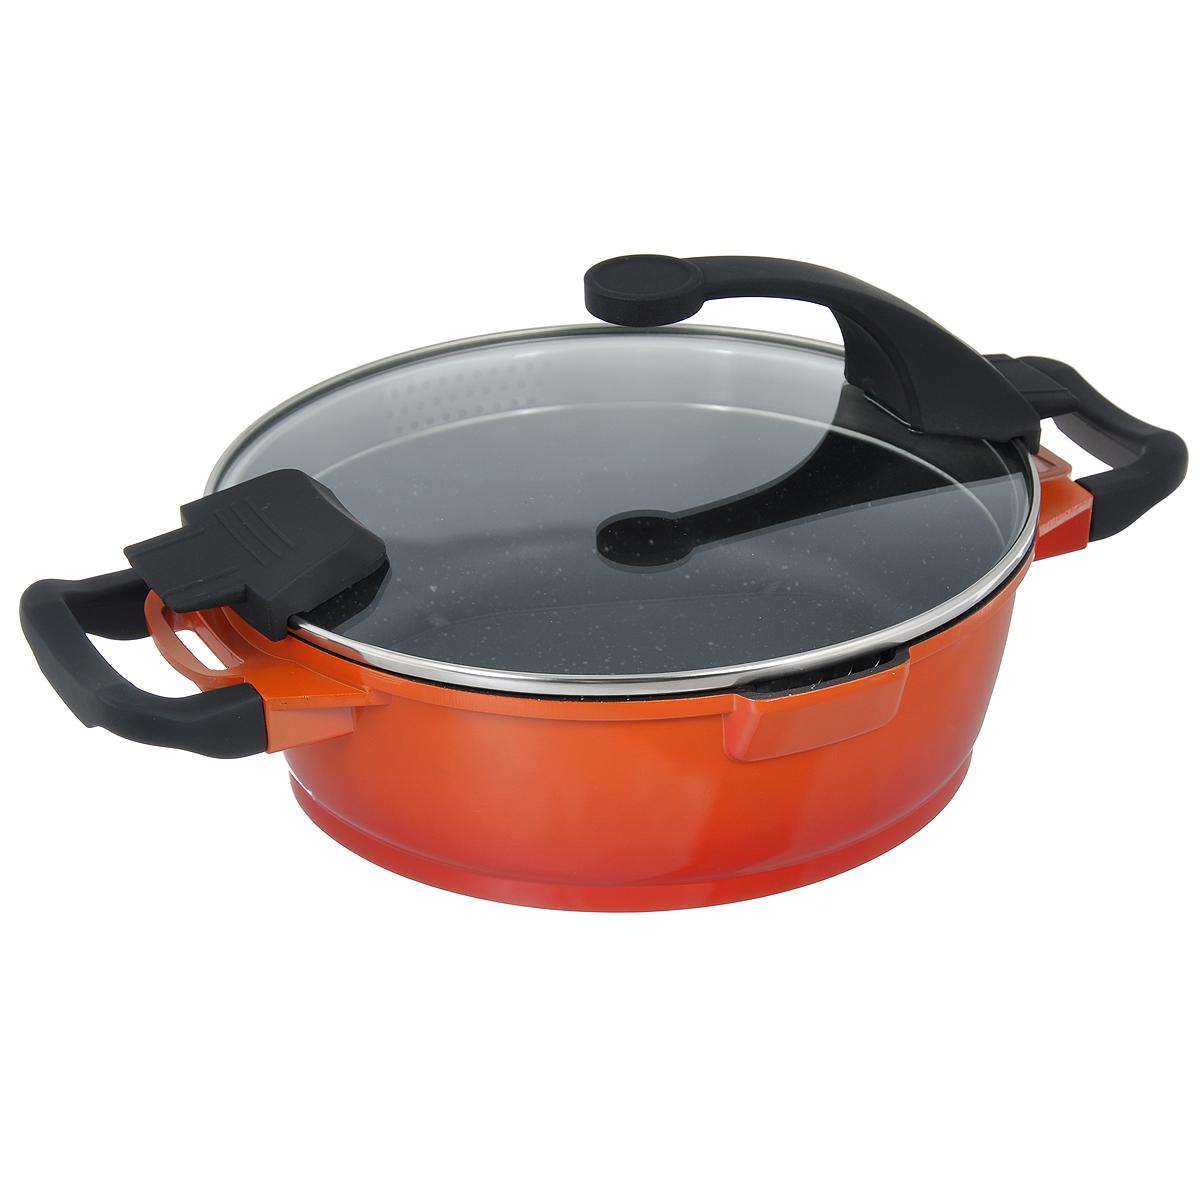 Сотейник BergHOFF Virgo Orange с крышкой, с антипригарным покрытием, цвет: оранжево-красный, 3 л. 23049062304906Сотейник BergHOFF Virgo изготовлен из литого алюминия, который имеет эффект чугунной посуды. В отличие от чугуна, посуда из алюминия легче по весу и быстро нагревается, что гарантирует сбережение энергии. Внутреннее покрытие - экологически безопасное антипригарное покрытие Ferno Green, которое не содержит ни свинца, ни кадмия. Антипригарные свойства посуды позволяют готовить без жира и подсолнечного масла или с его малым количеством. Ручки выполнены из бакелита с покрытием Soft-touch, они имеют комфортную эргономичную форму и не нагреваются в процессе эксплуатации. Крышка изготовлена из термостойкого стекла, благодаря чему можно наблюдать за ингредиентами в процессе приготовления. Широкий металлический обод со специальными отверстиями разного диаметра позволяет выливать жидкость, не снимая крышку. Сотейник оснащен двумя носиками для слива жидкости. Подходит для всех типов плит, включая индукционные. Рекомендуется мыть вручную. Диаметр сотейника (по верхнему...